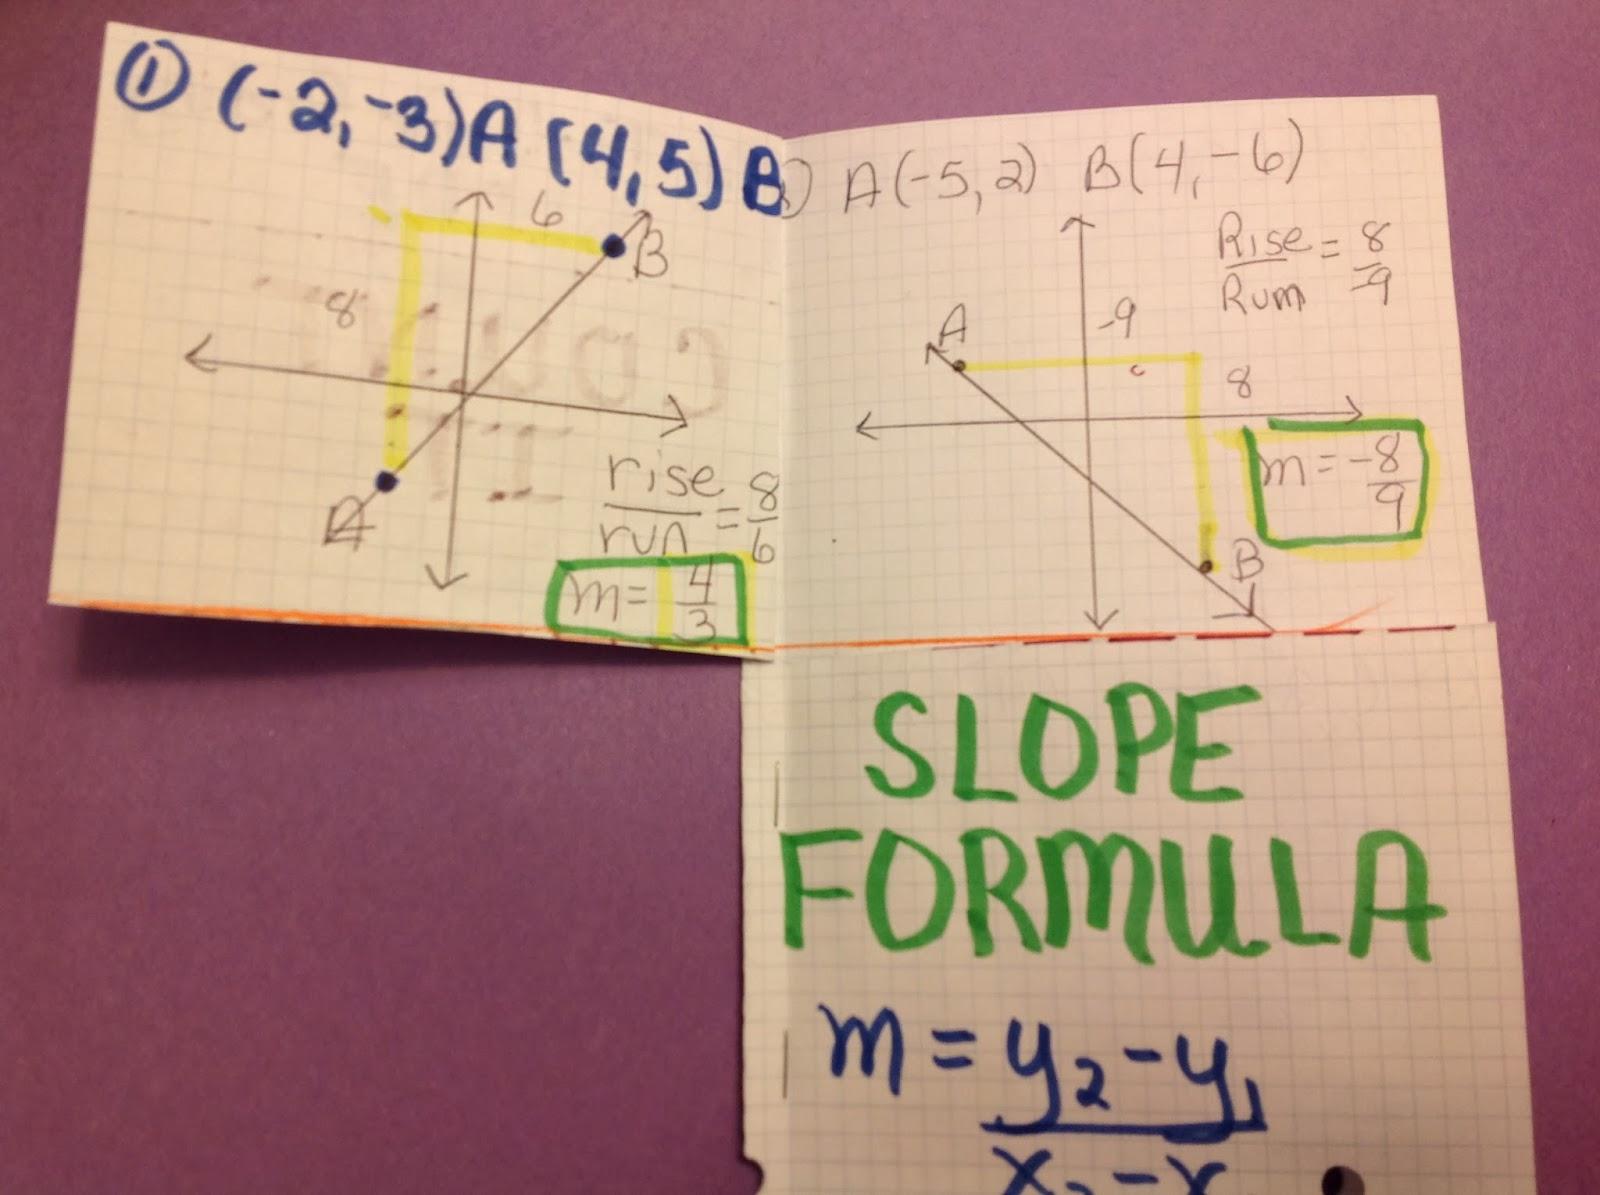 Finding Slope Formula